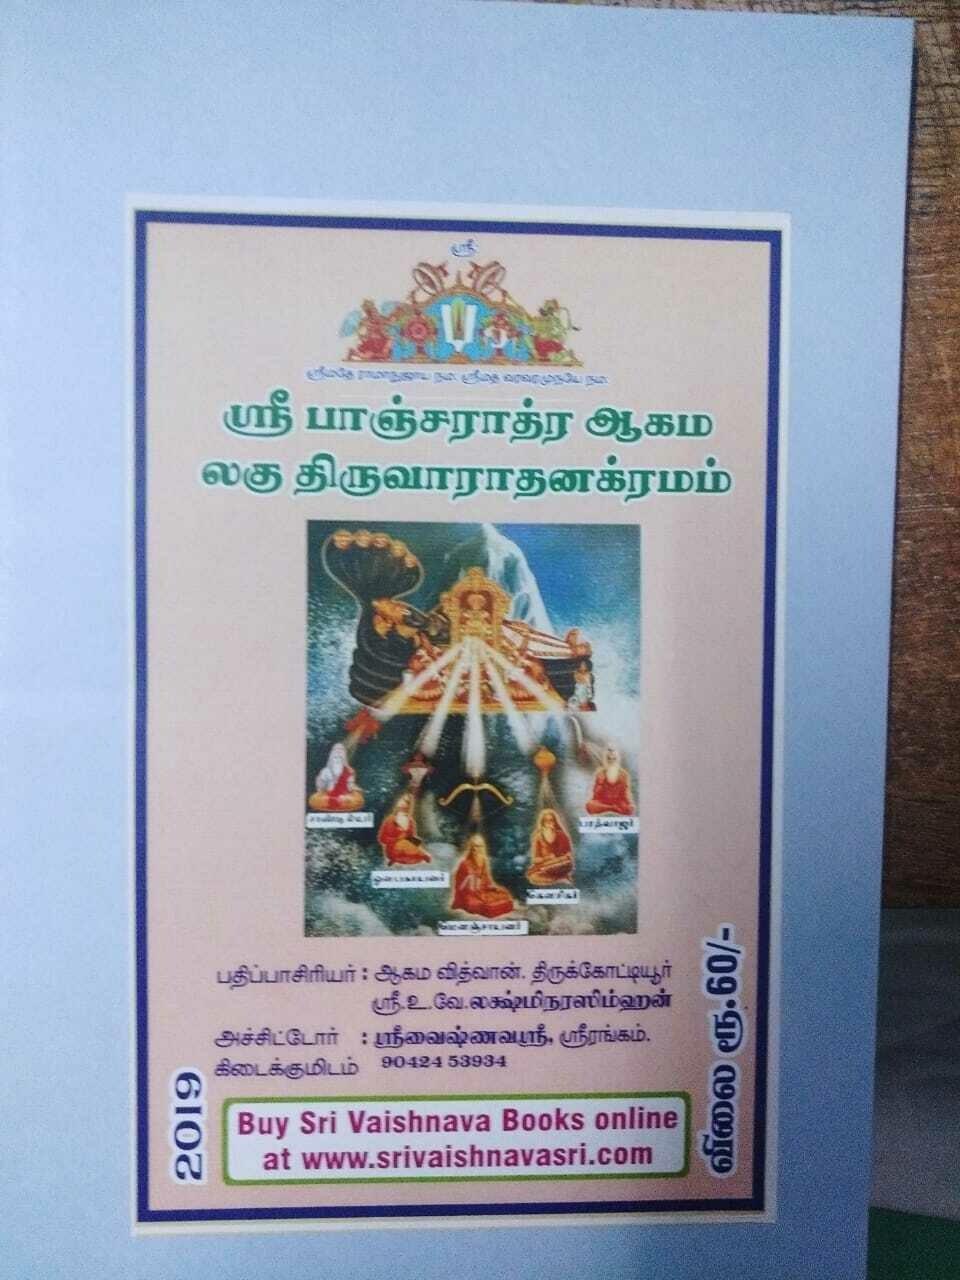 Koyil / Koil Laghu Thiruvaradhana Kramam -  கோயில் லகு திருவாராதன க்ரமம்